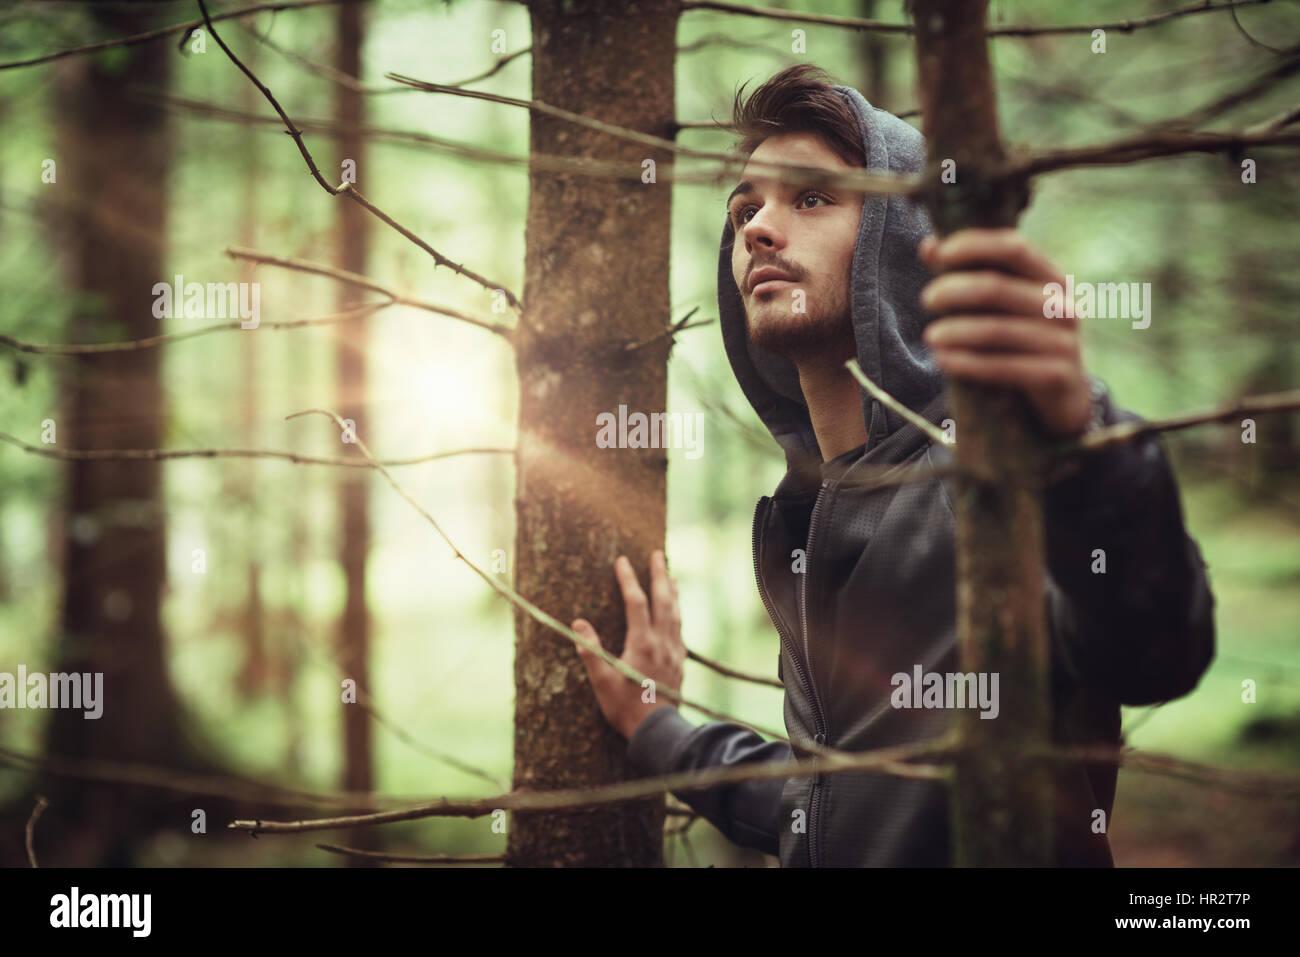 Ragazzo con cappuccio in boschi esplorando la natura, l'individualità e il concetto di libertà Immagini Stock